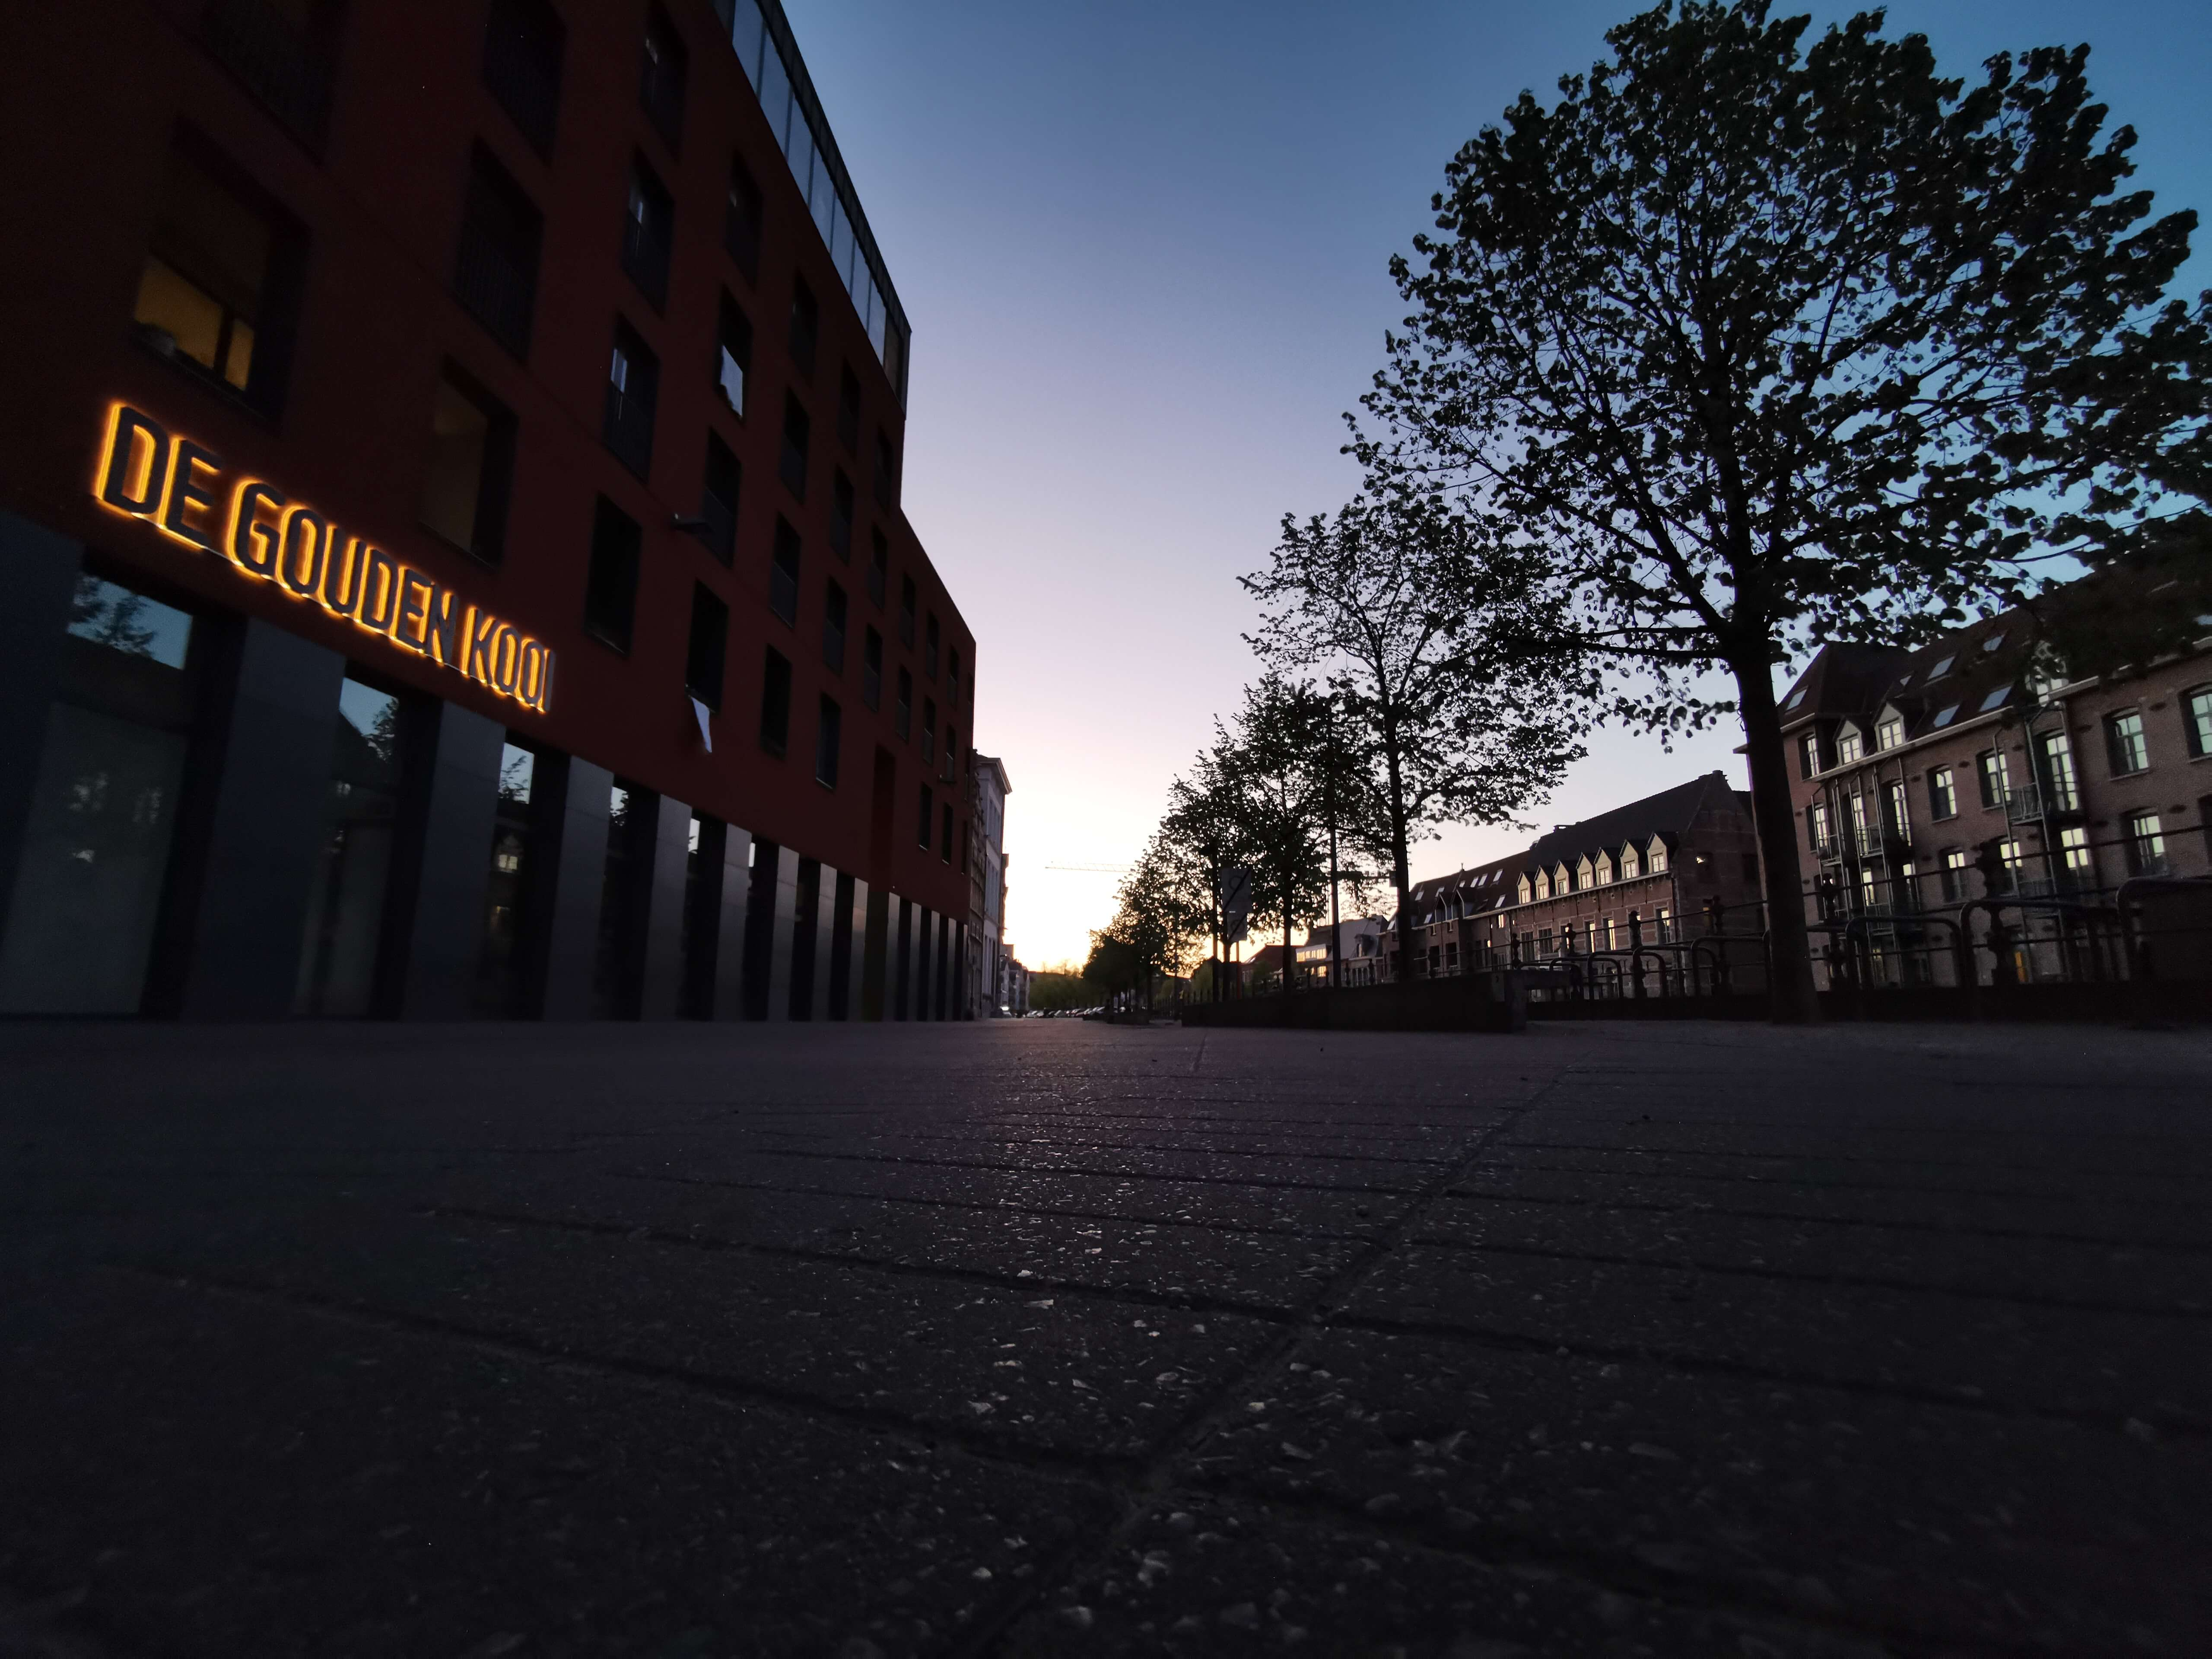 De Gouden Kooi by nightfall